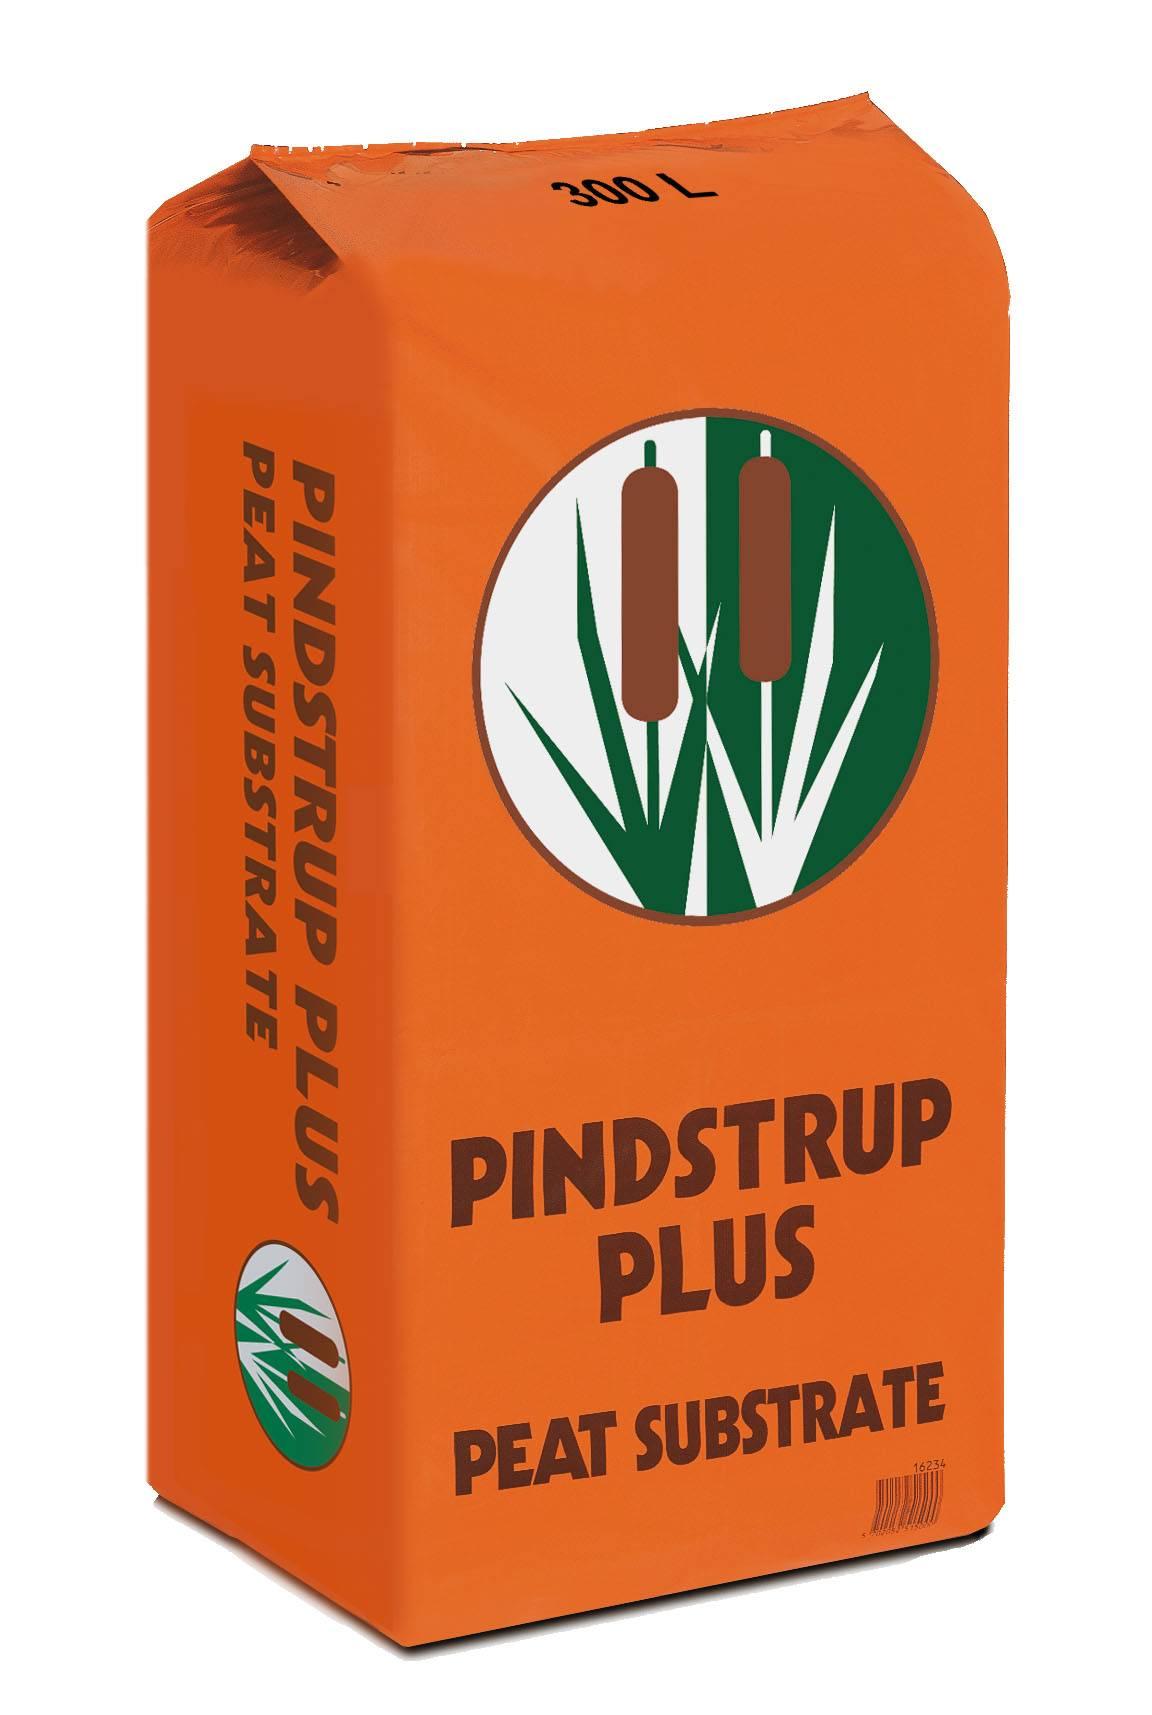 پیت ماس پینداستراپ 300 لیتری(Plus Orange)